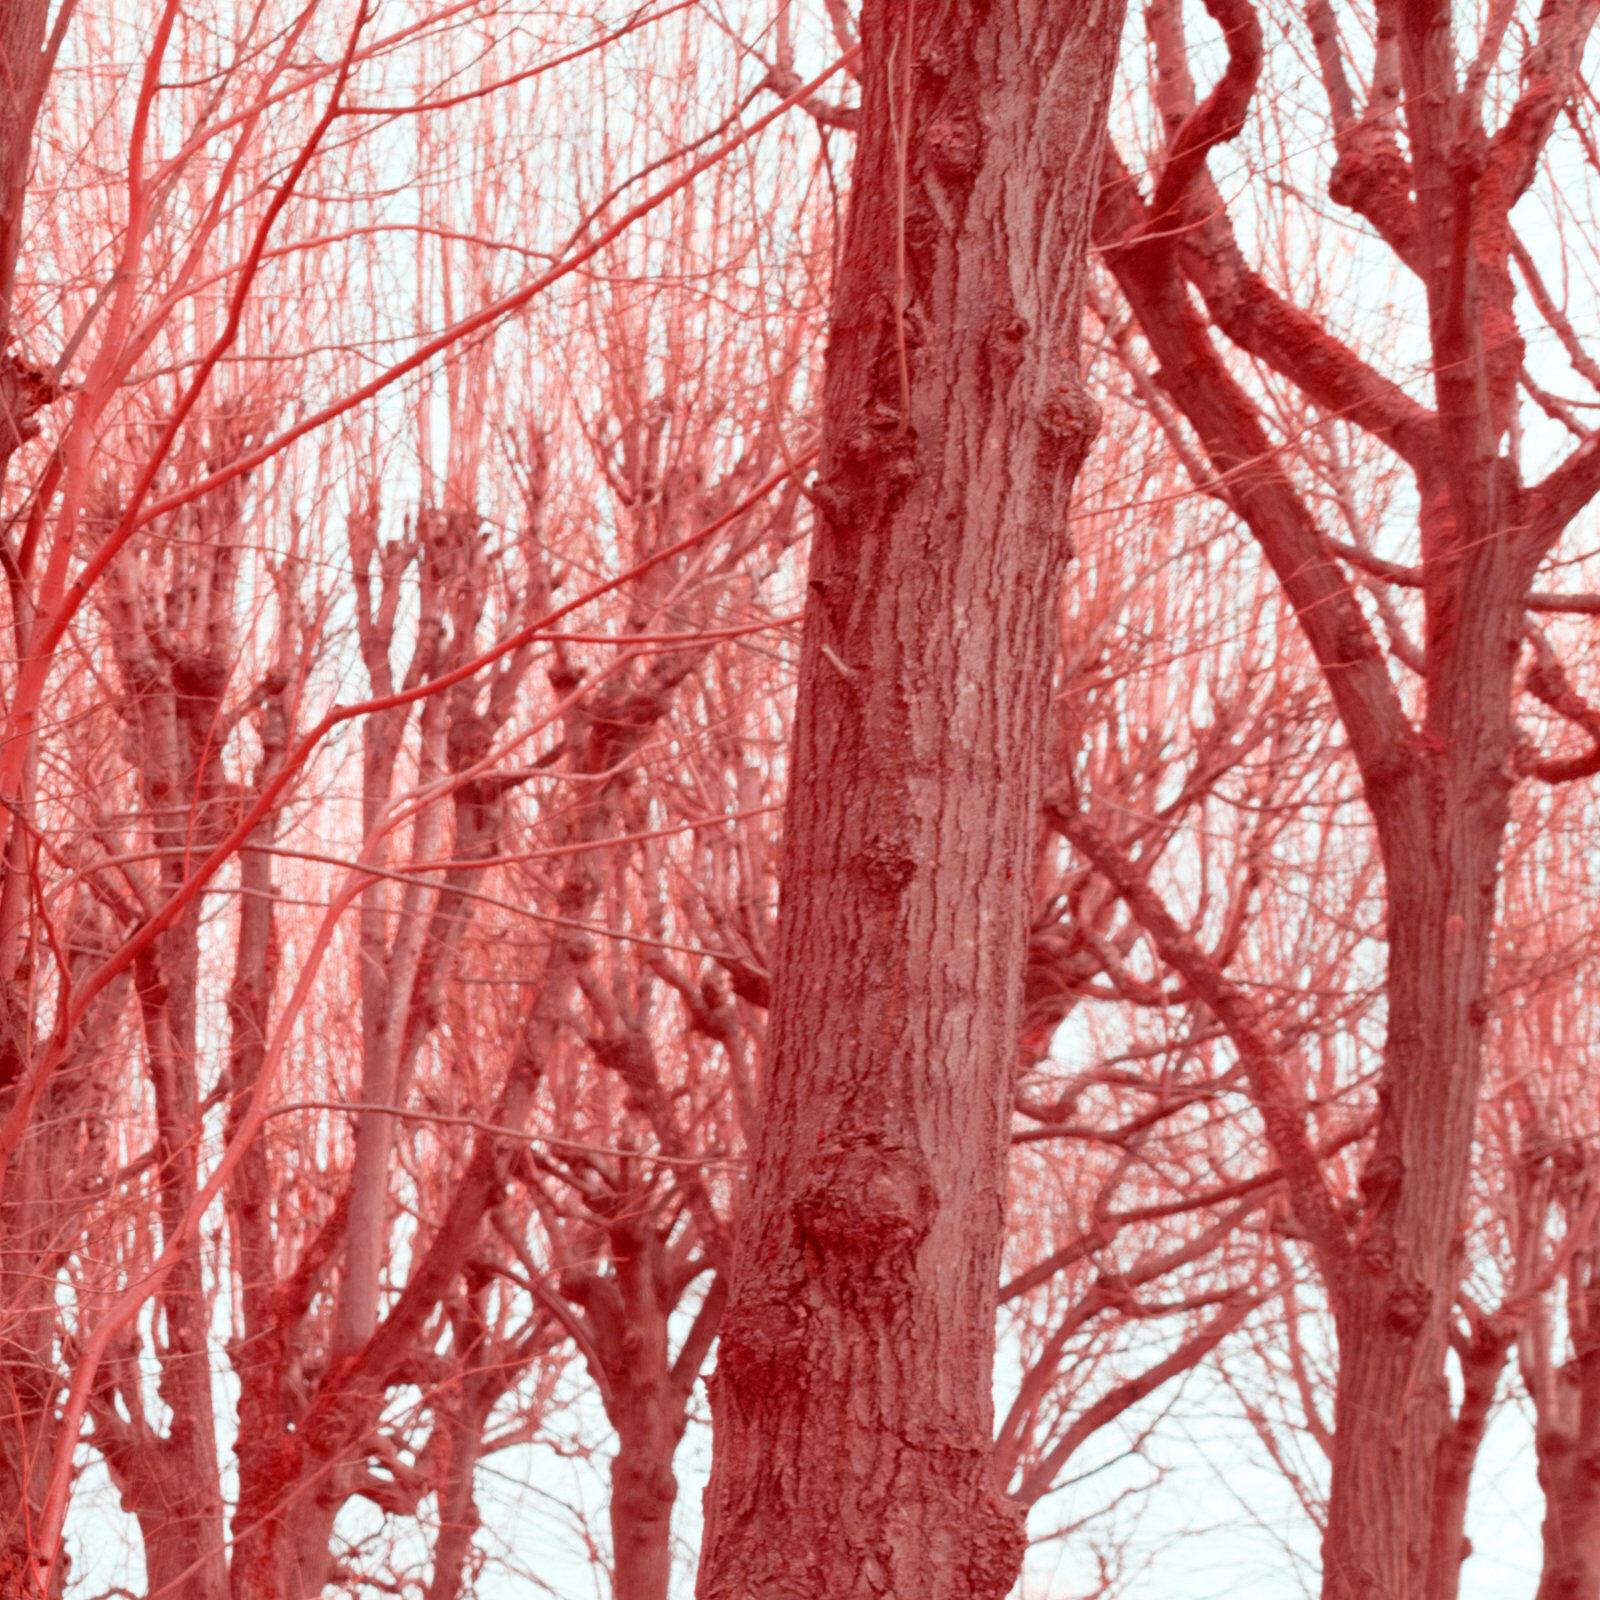 DETAILS 35mm F5.6 CANON 2 | Pierre-Louis Ferrer | Test du Tamron SP 35 mm f/1.4 Di USD en photographie infrarouge | Partie 2